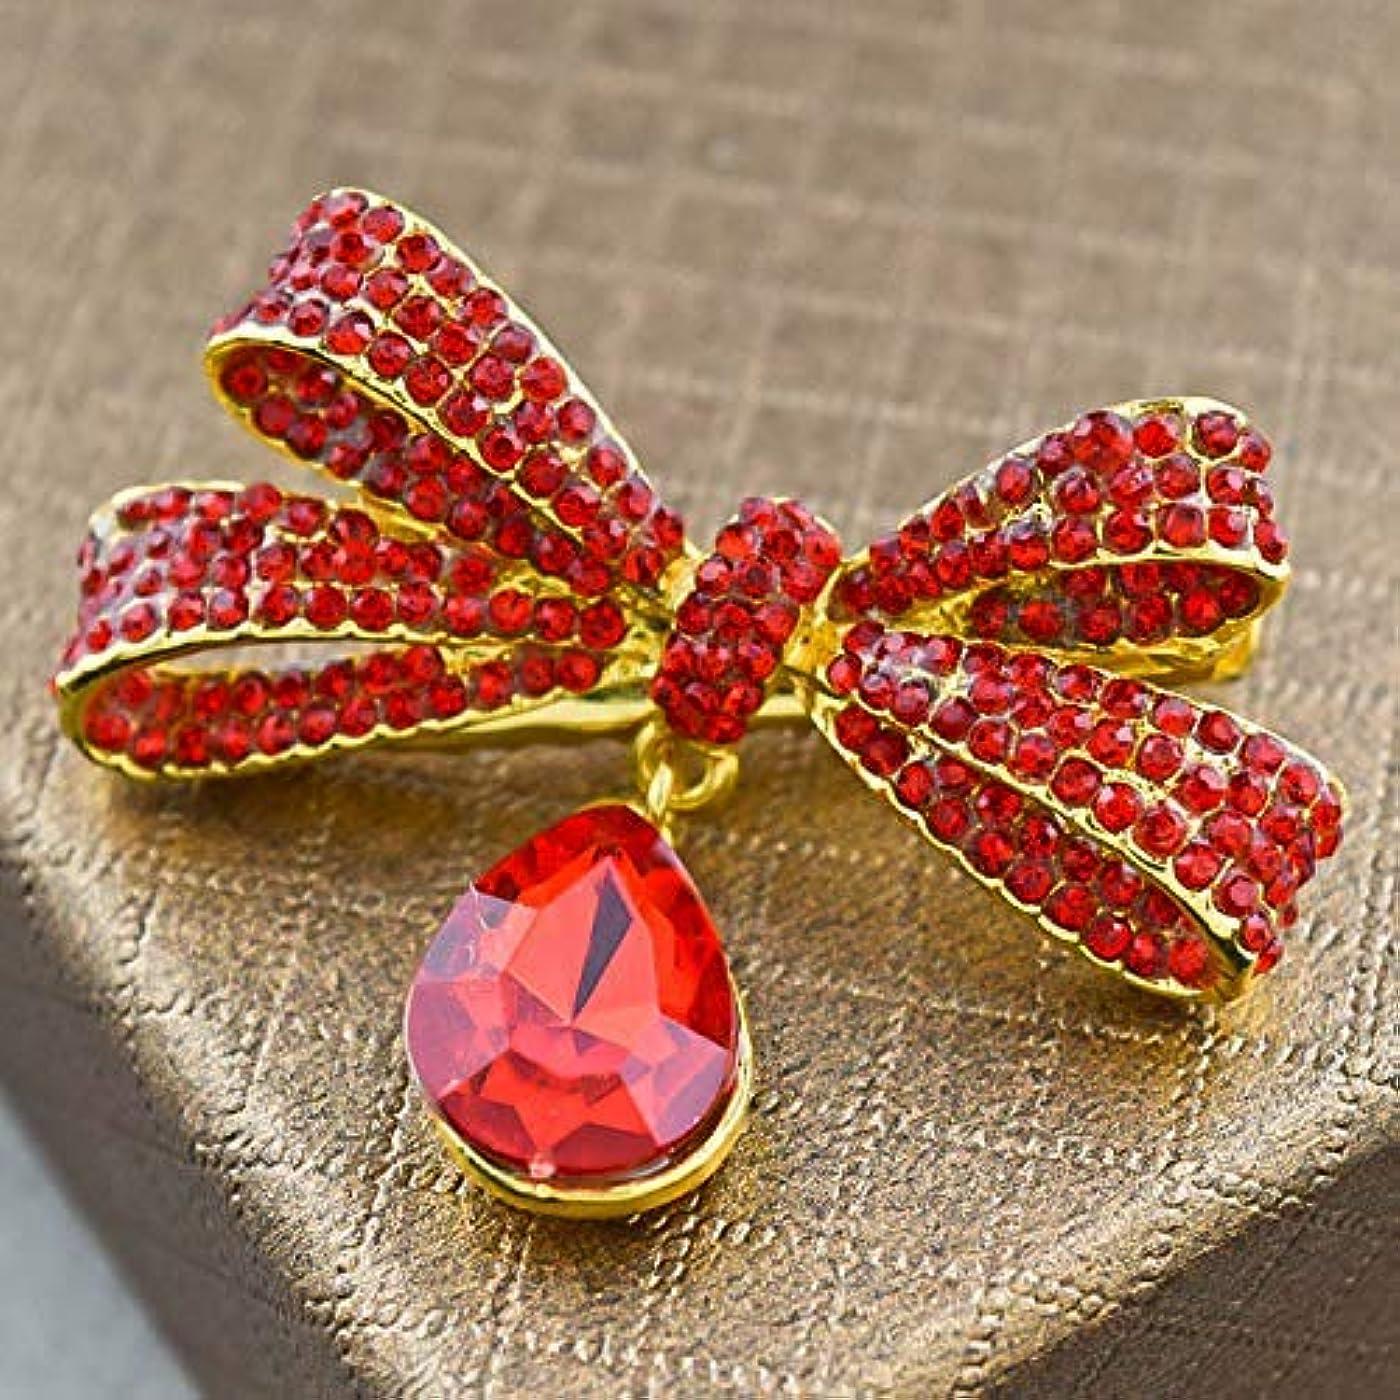 注ぎます致命的な導入するLUOSAI 結婚式のためのラインストーンの花のヘアピンエレガントなヘアアクセサリーヘアピン(赤)ヘアピン1個